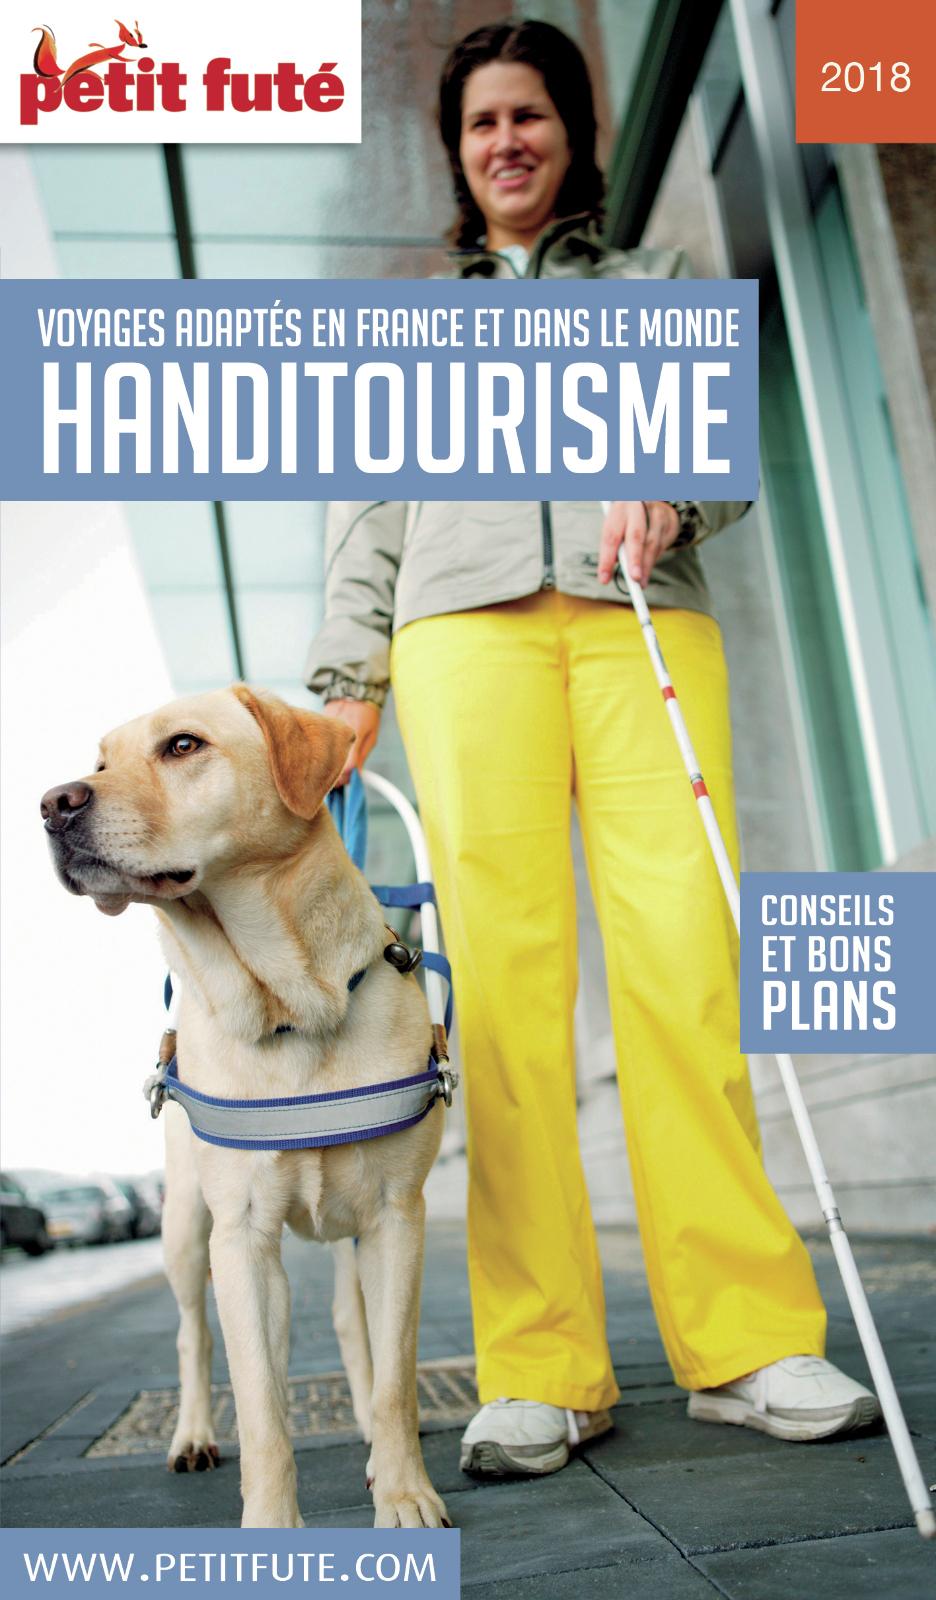 HANDITOURISME 2018 Petit Futé